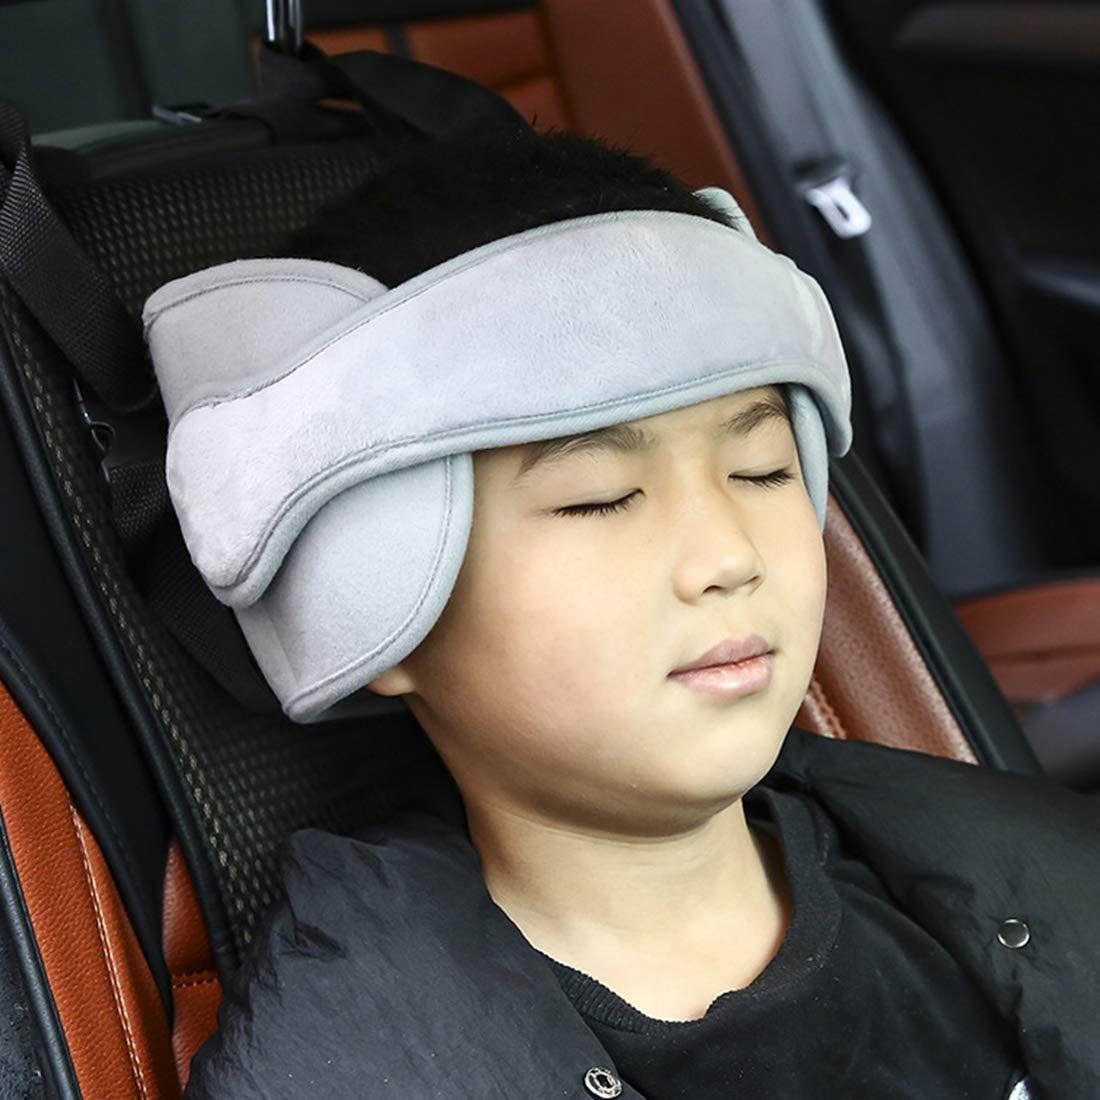 Grau Autositz Kopfband-Verstellbarer Komfortable Safe Sleep L/ösung Calemei Nackenst/ützen f/ür Kinderautositze